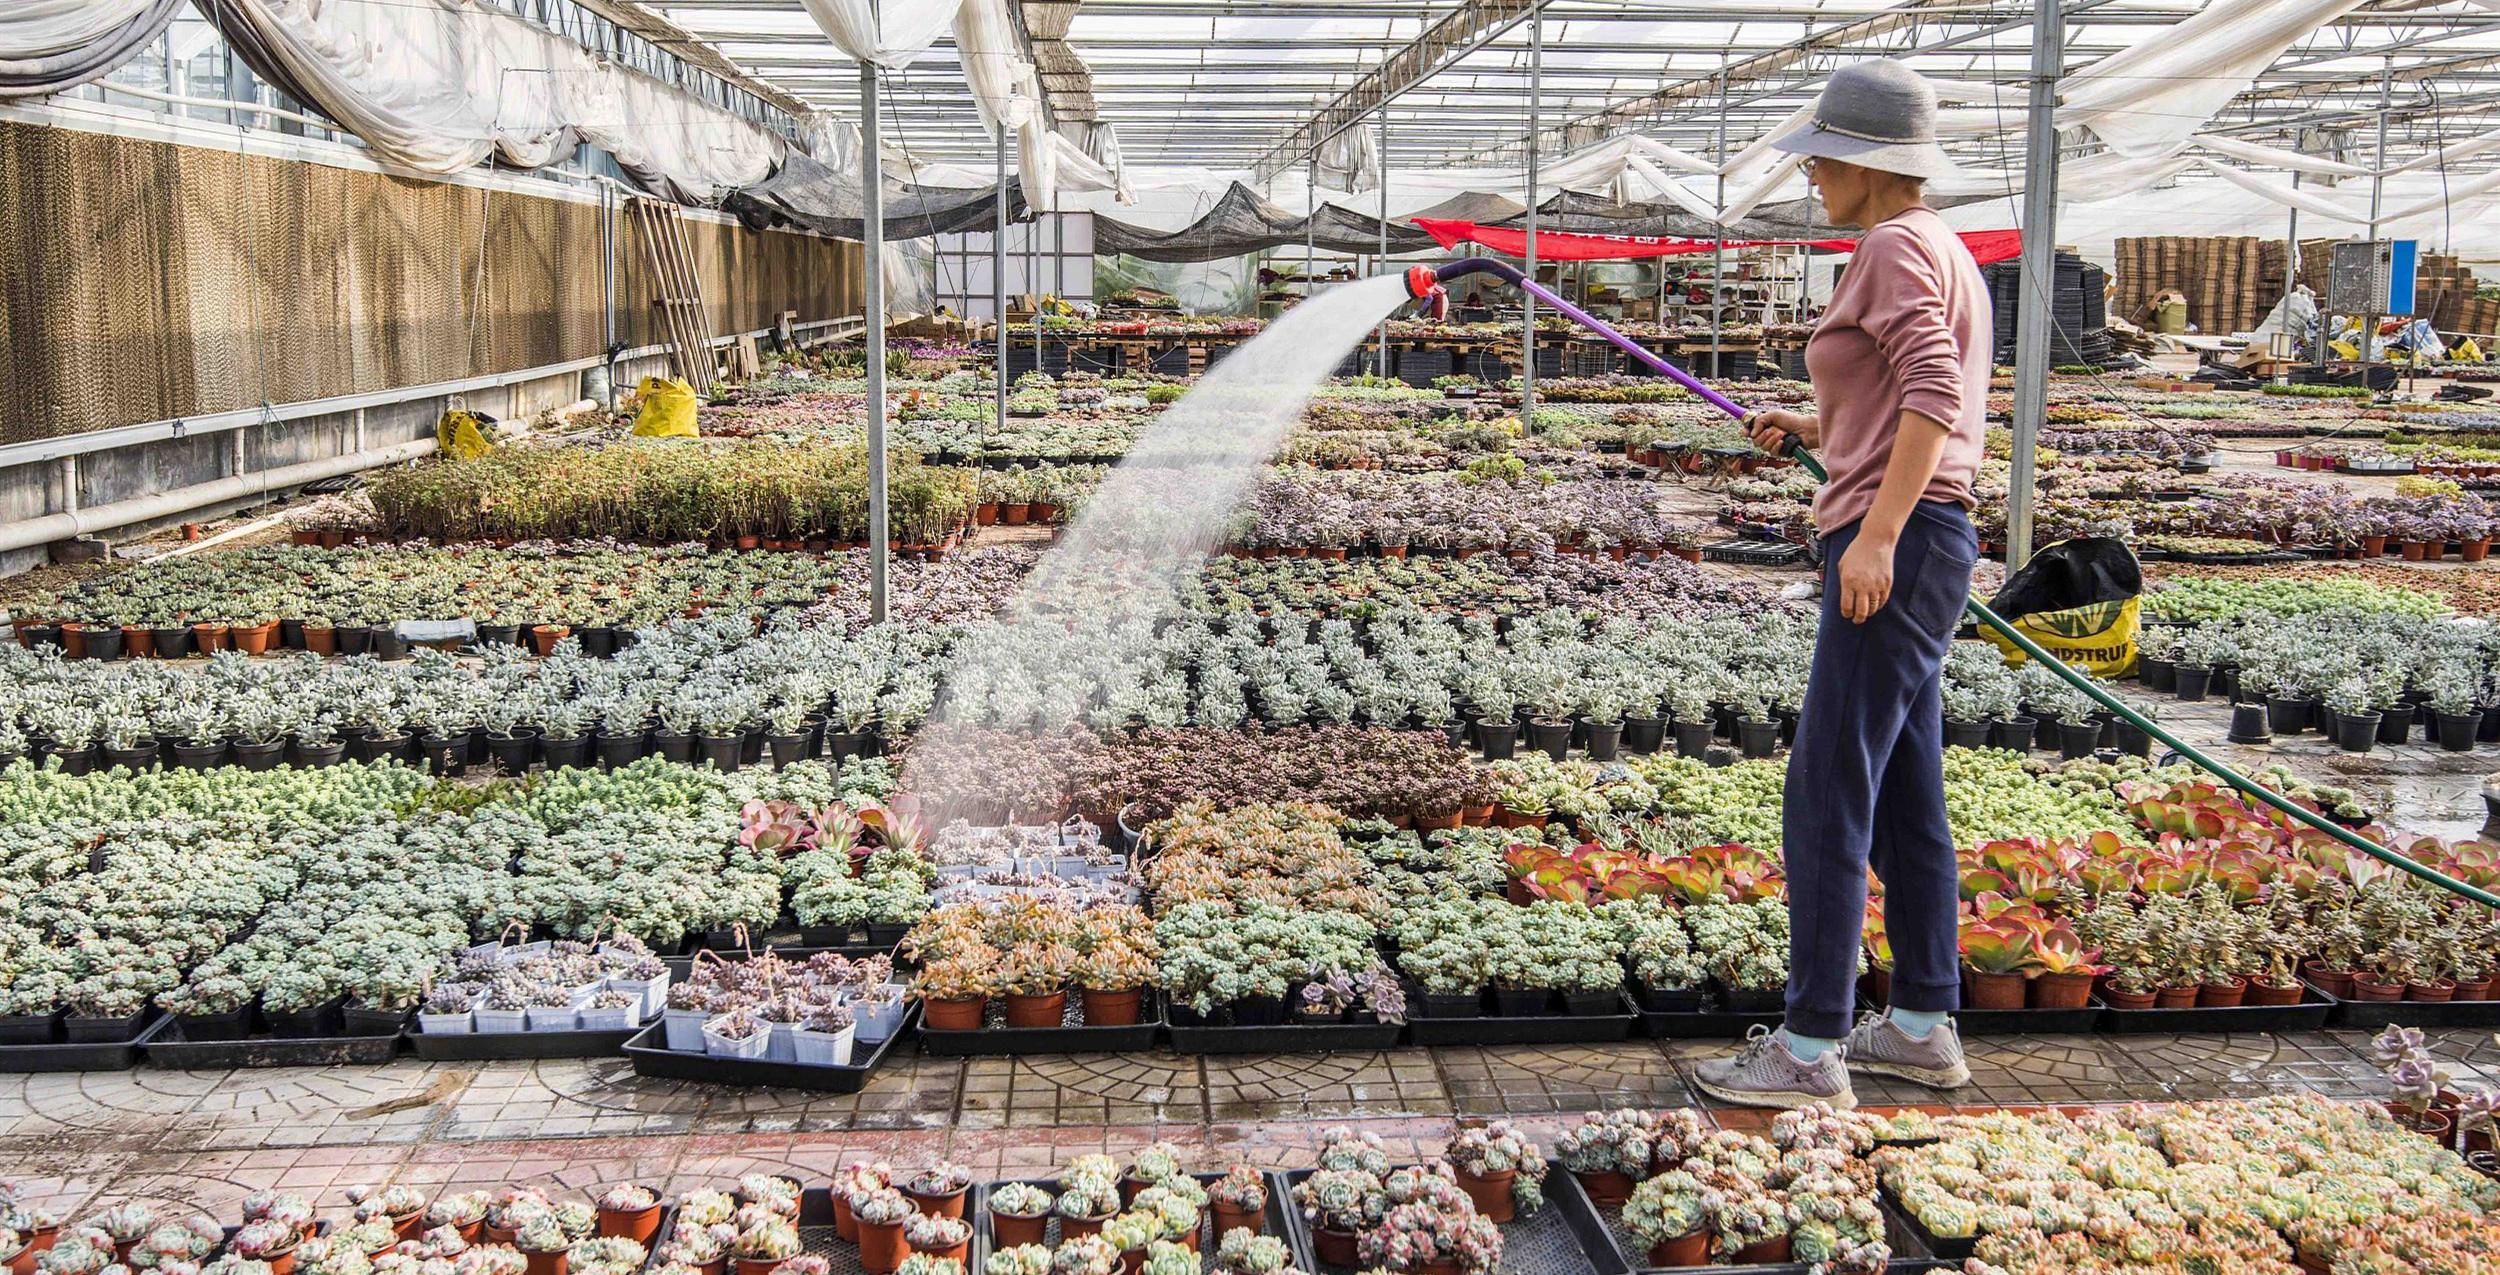 青州多肉年产超8亿株、产值达20亿元!占据全国半壁江山